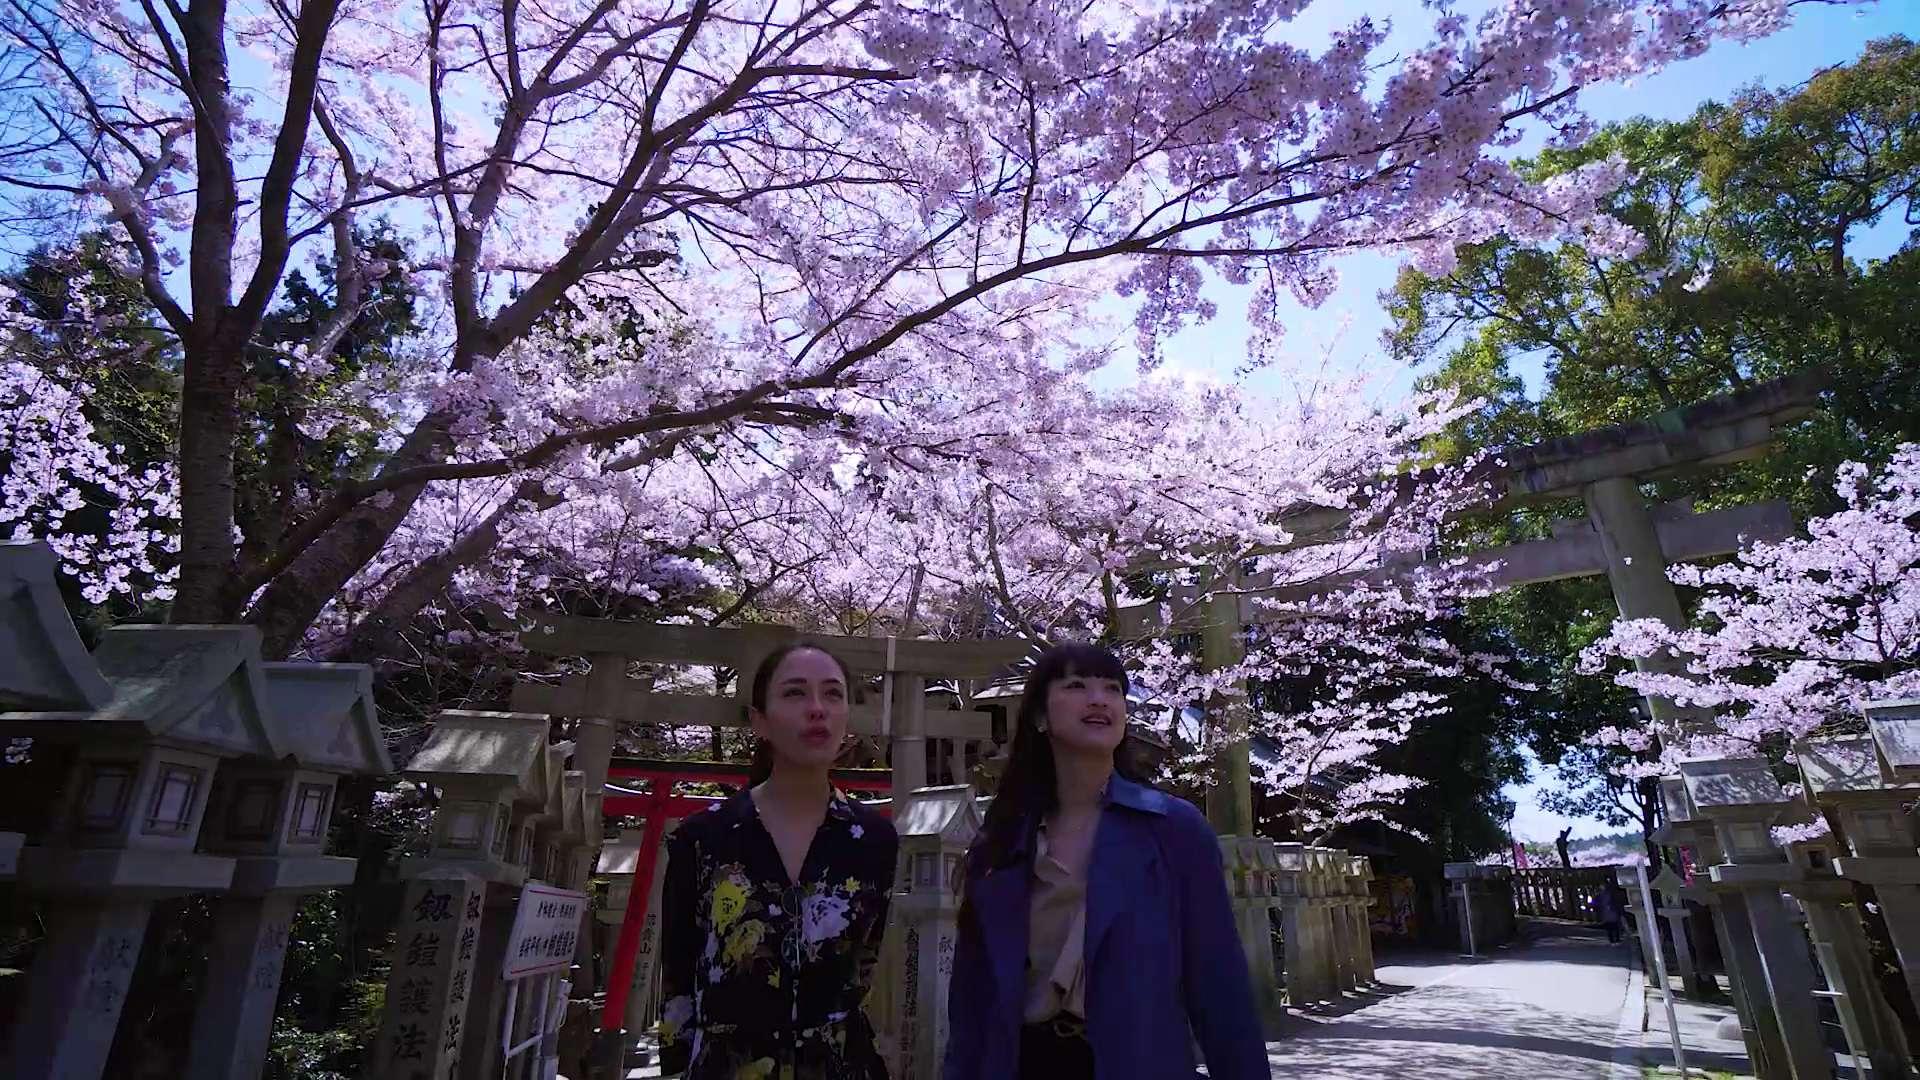 盛开的樱花与石灯笼